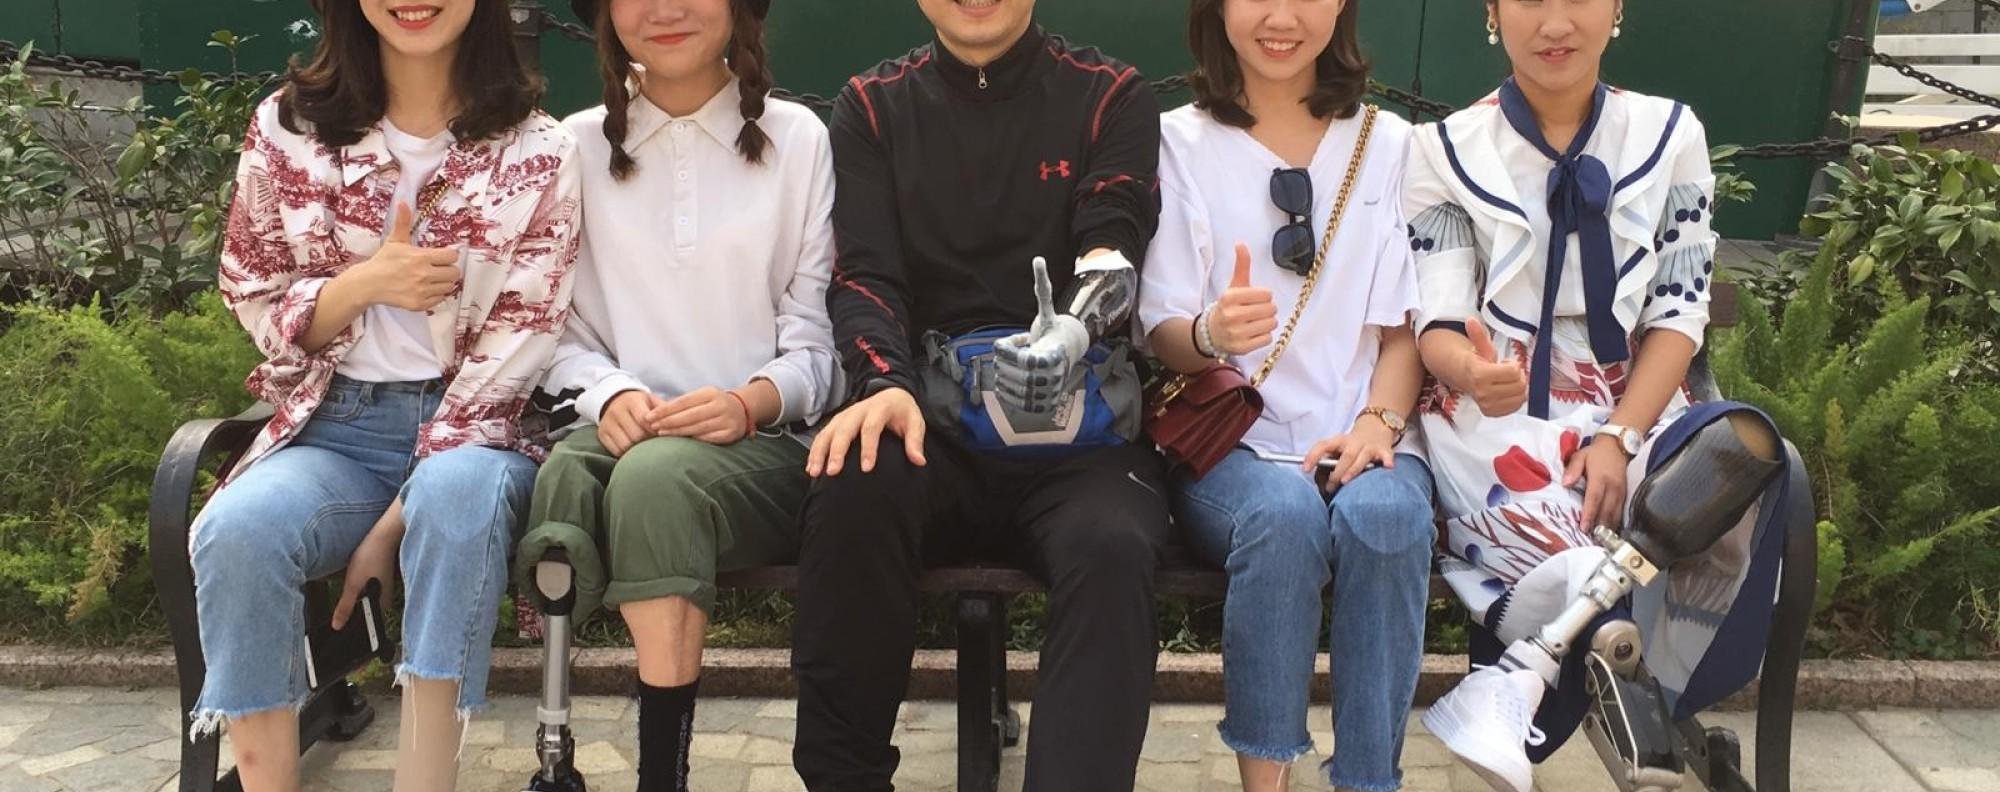 Hu Yue, Niu Yu, Ma Yuanjiang, Wei Yunlu and Li Yingxia lost their limbs in the Sichuan Earthquake and ran the LT70. Photos: Handout